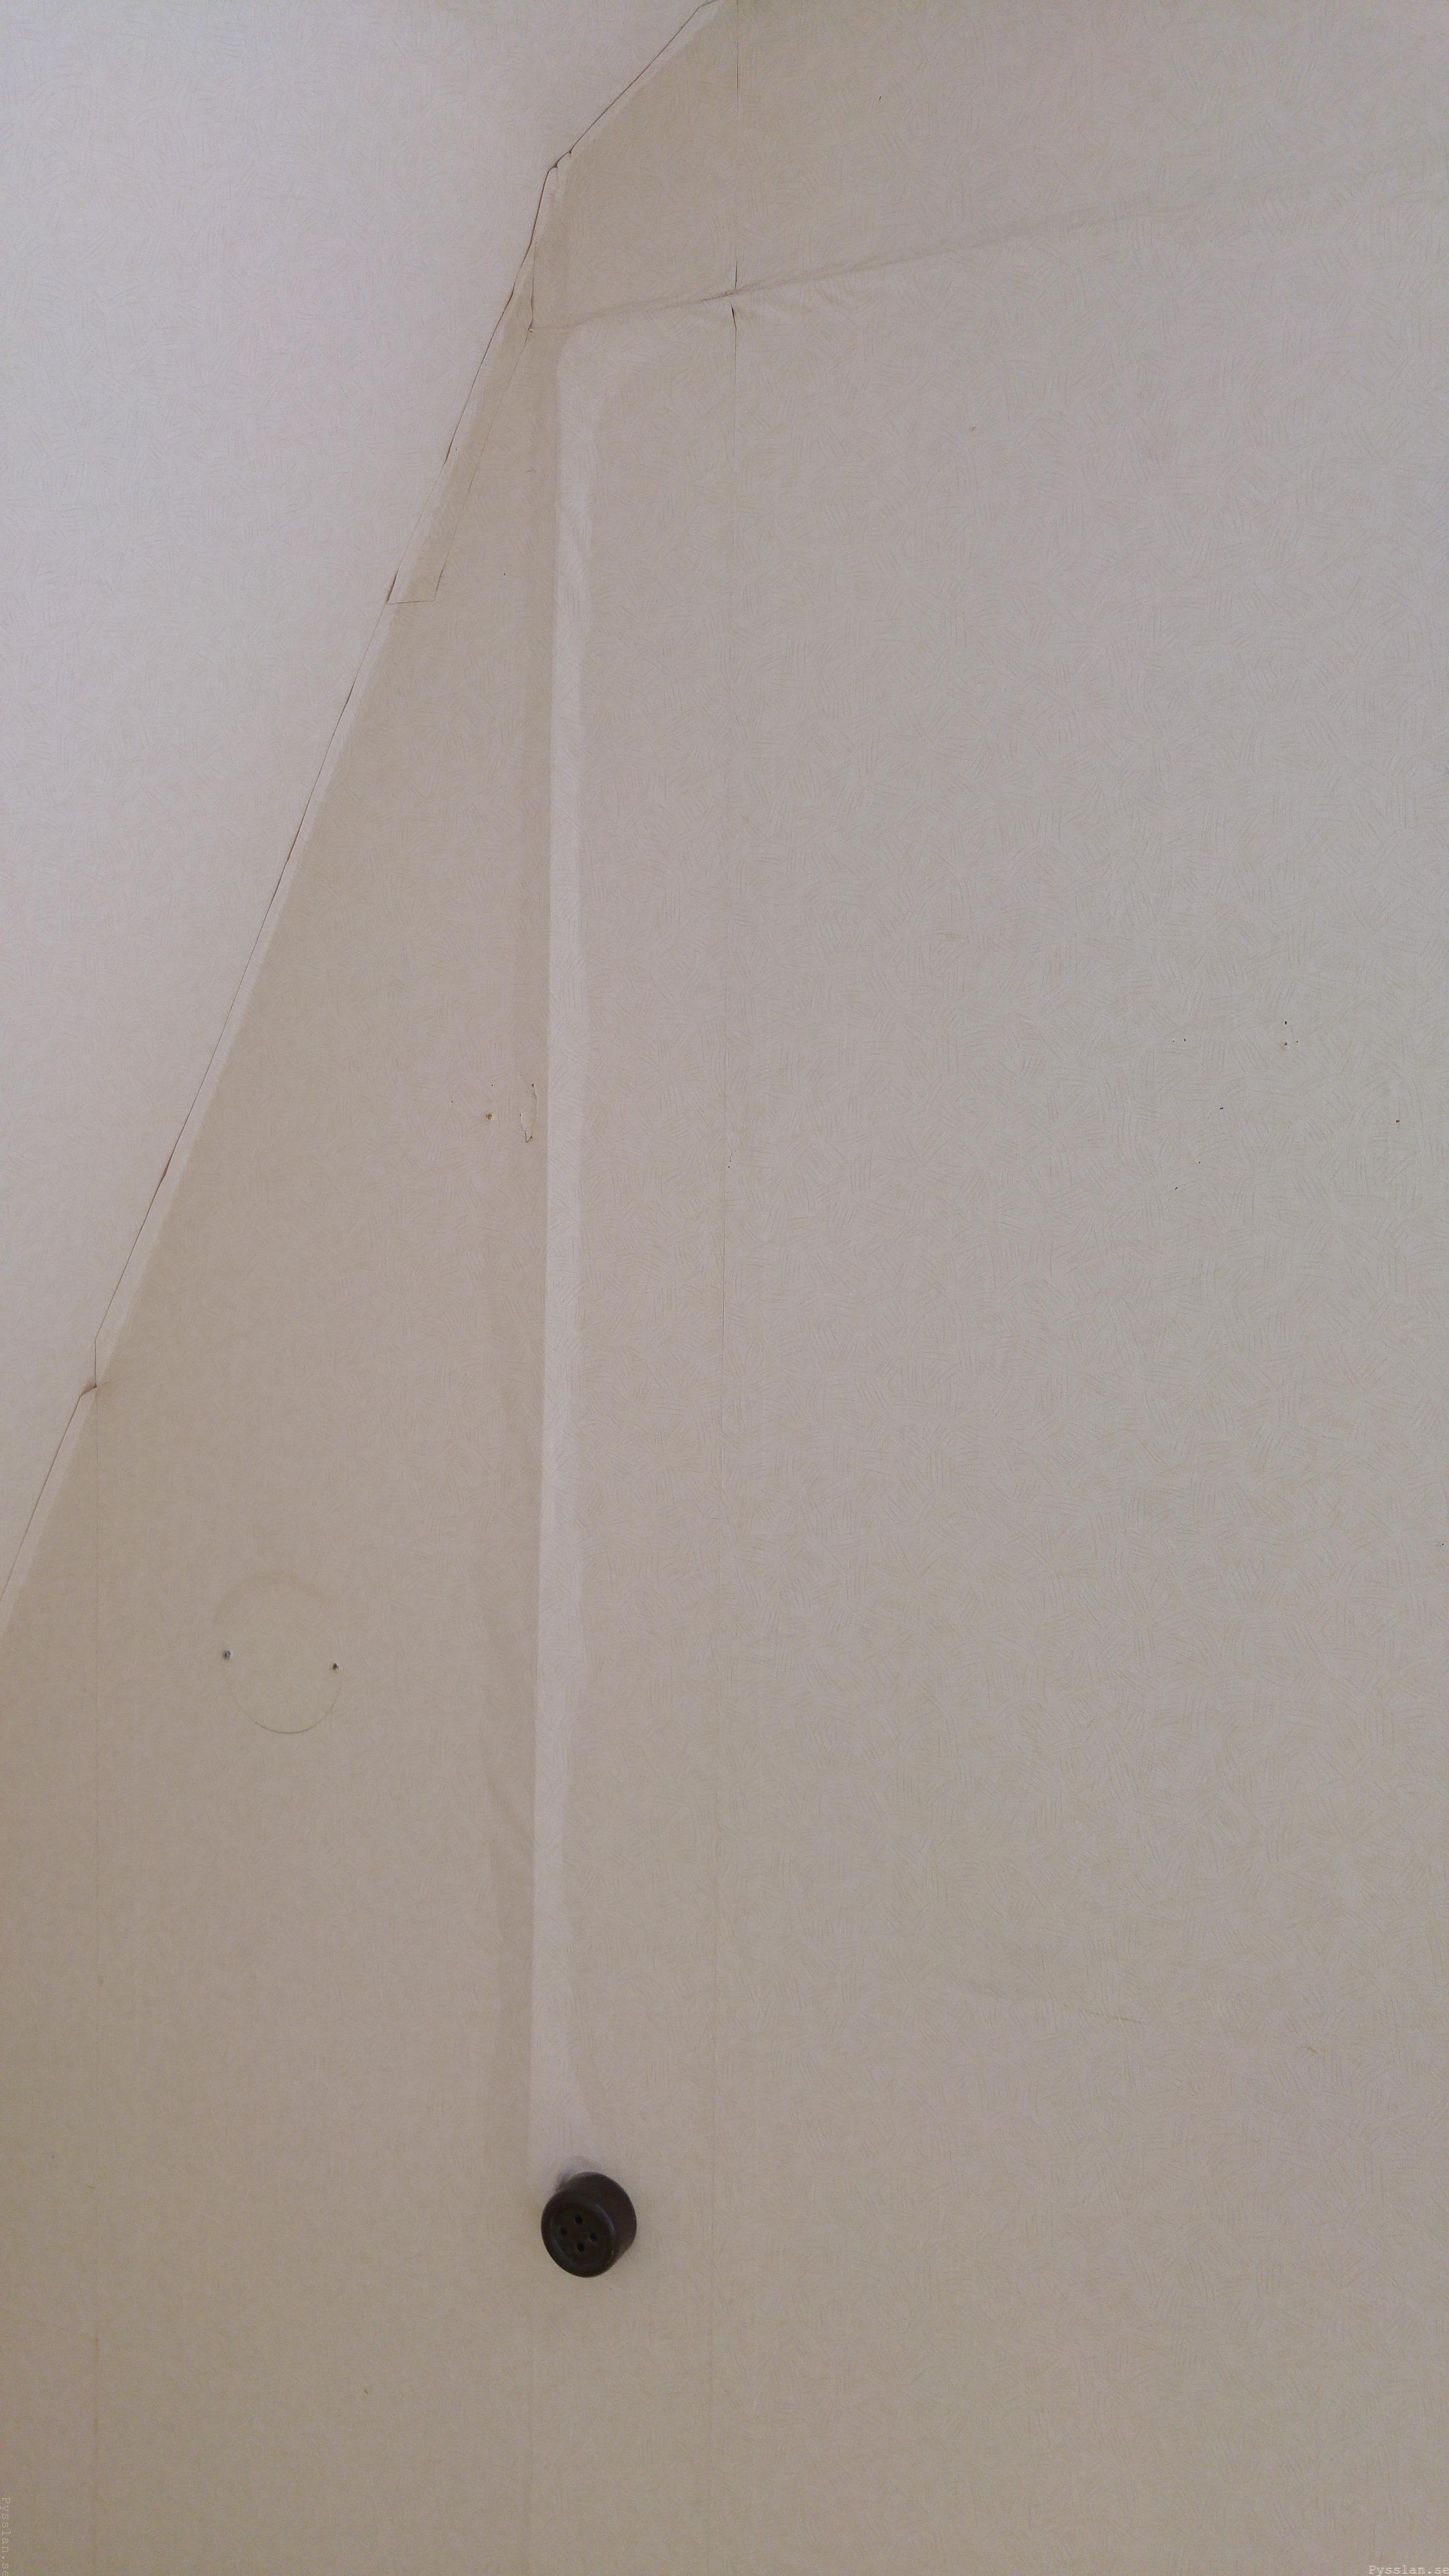 drömhus 20-talshus rött hus vita knutar renovering jugend husdröm pysslan blogg backelit uttag lilla sovrummet